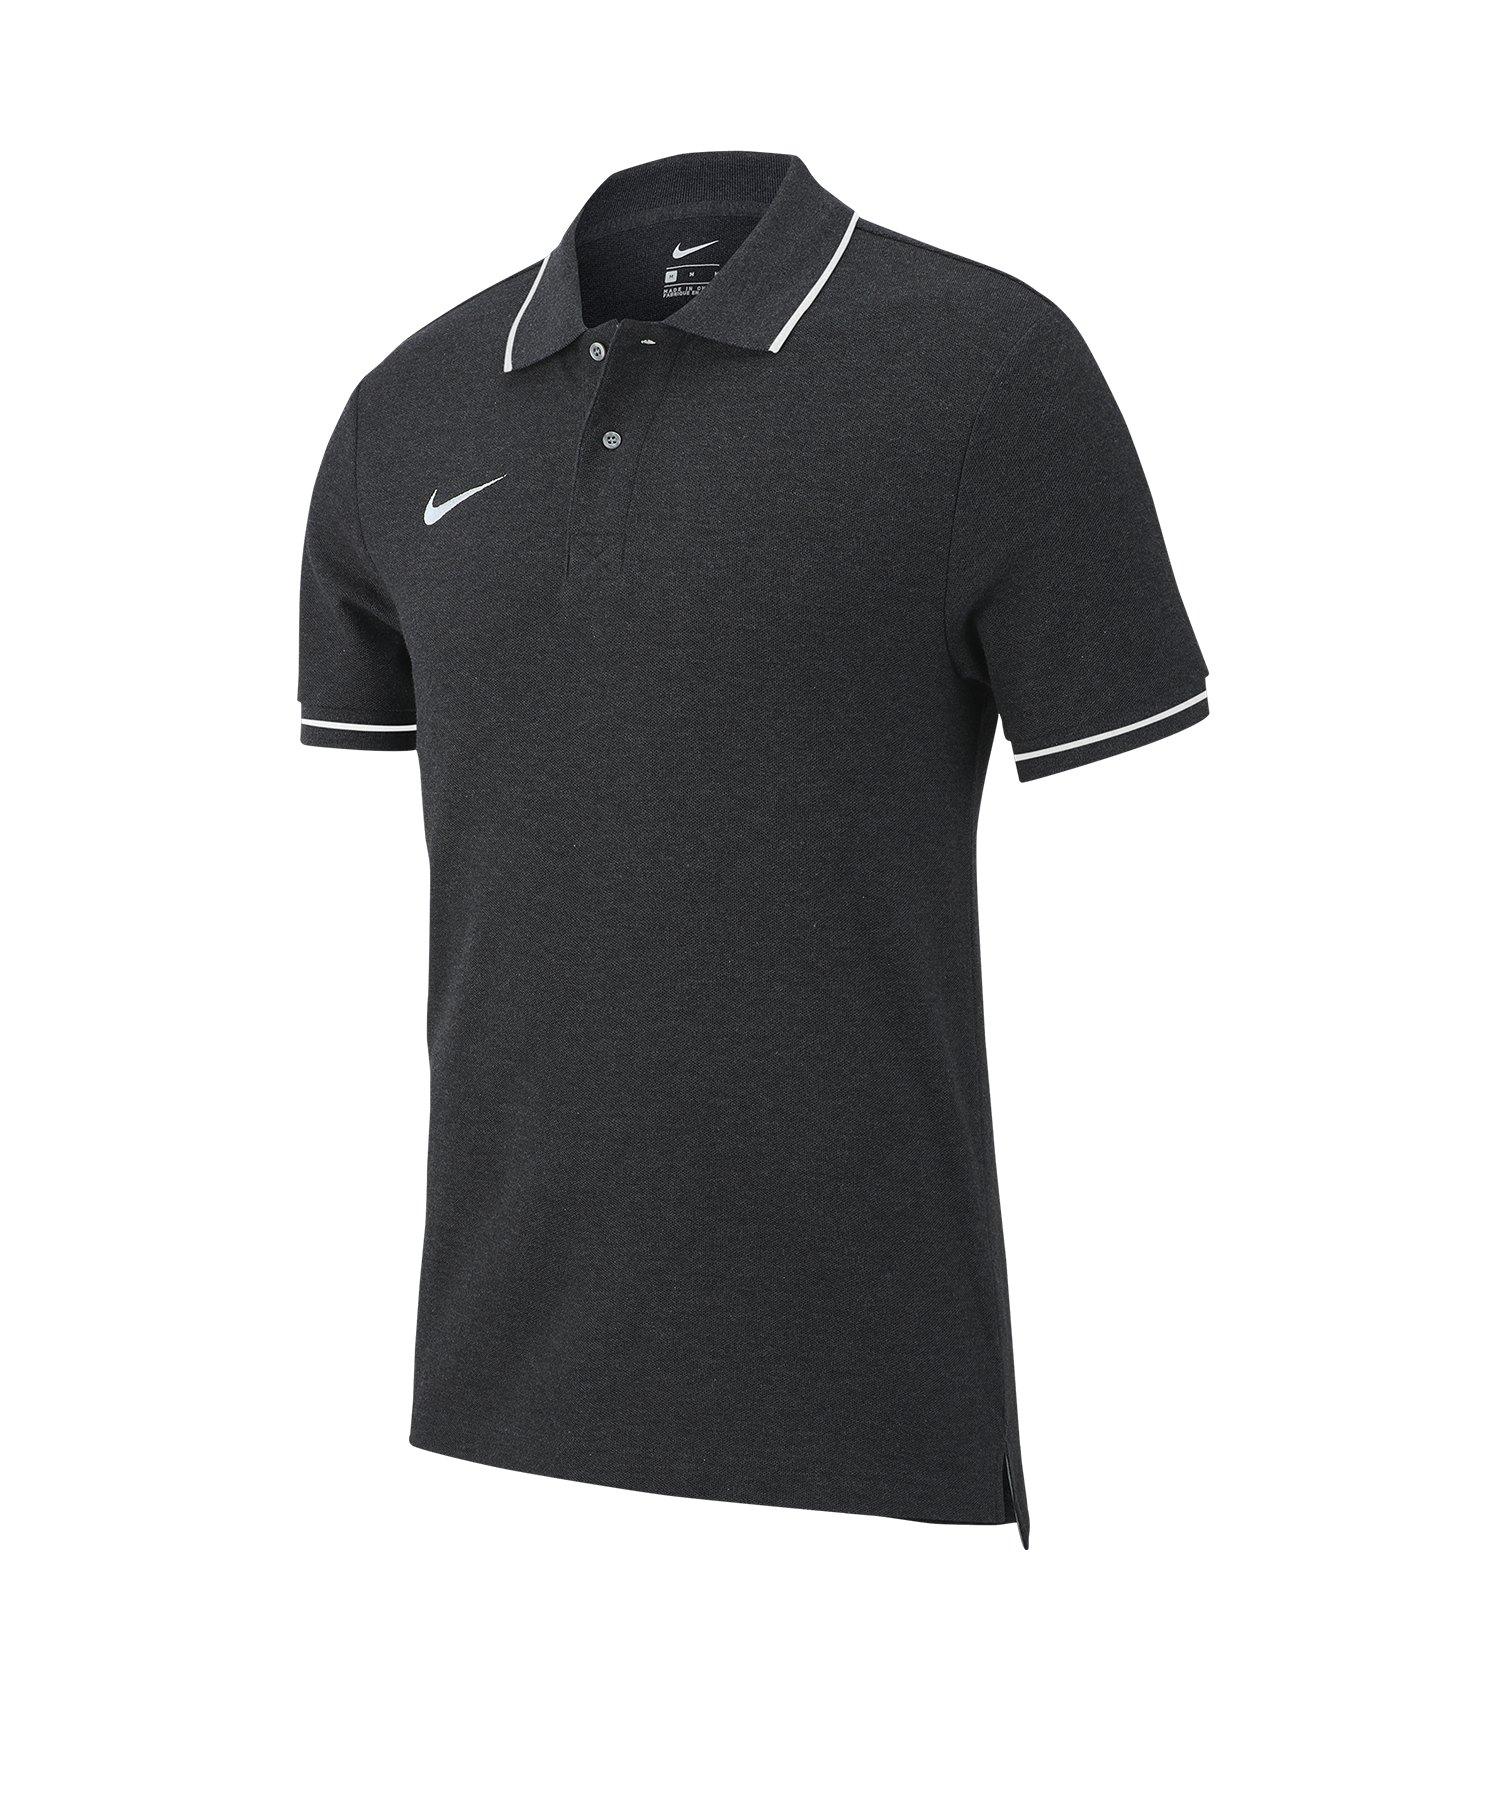 Nike Club 19 Poloshirt Kids Grau Weiss F071 - grau